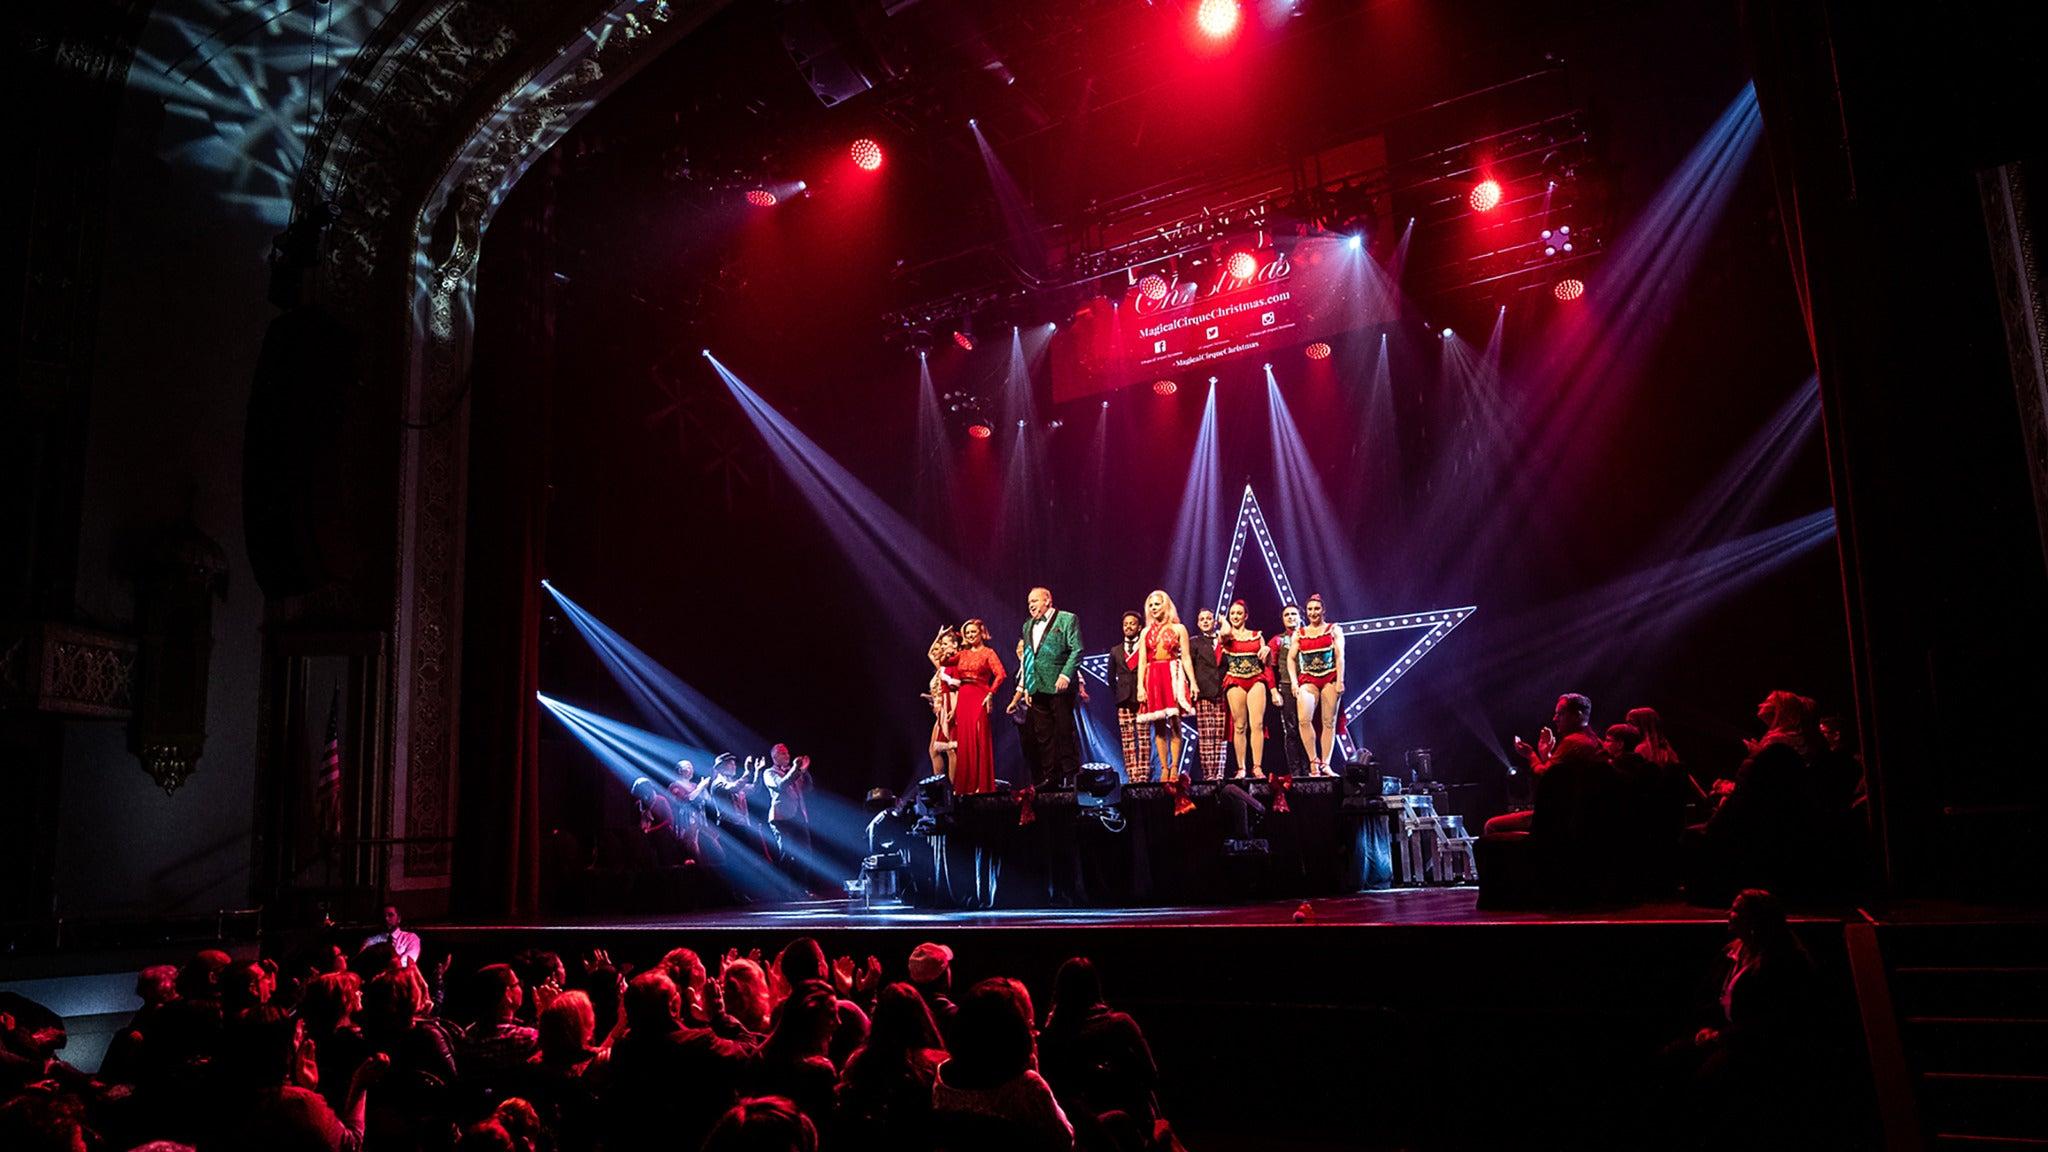 A Magical Cirque Christmas at Mayo Performing Arts Center